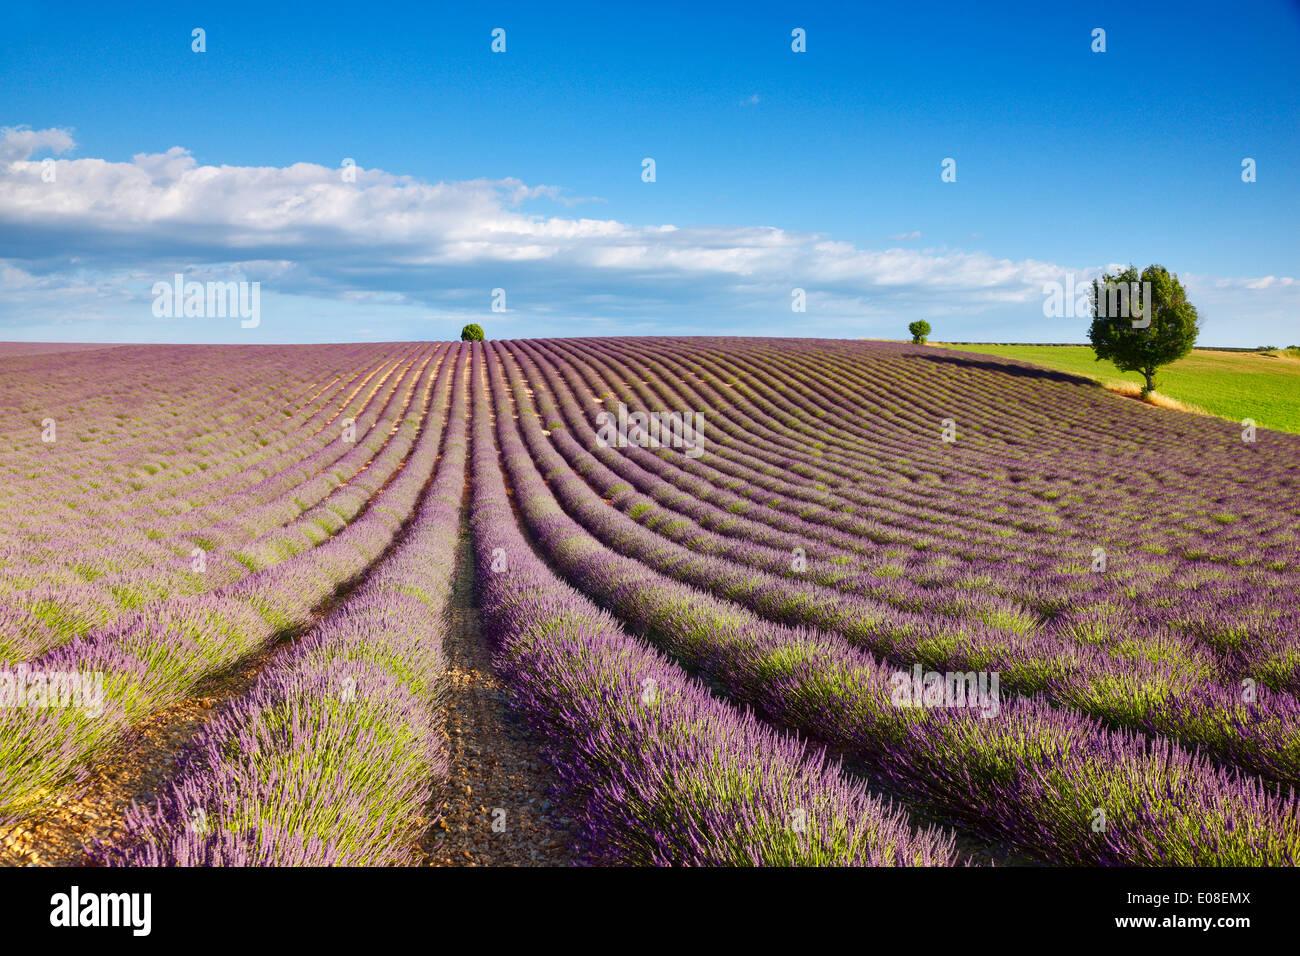 Campos de lavanda en Francia, Provenza Imagen De Stock